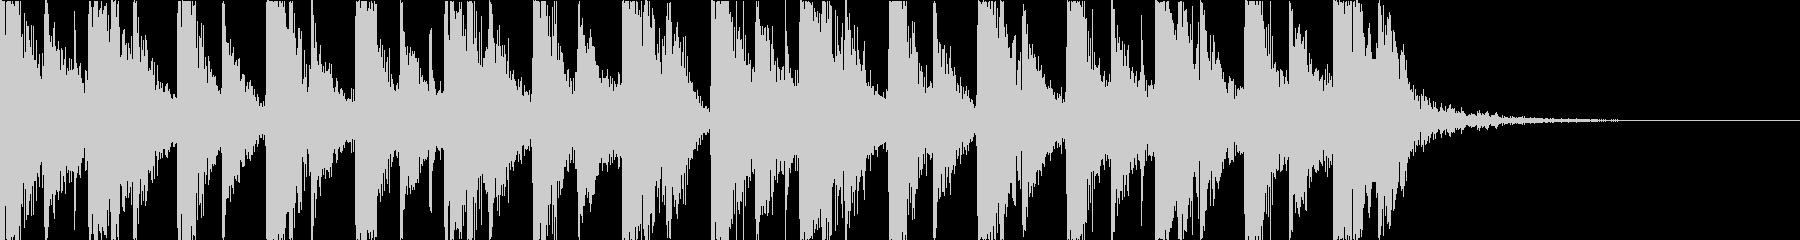 キャッチーで深みのあるEDMの未再生の波形